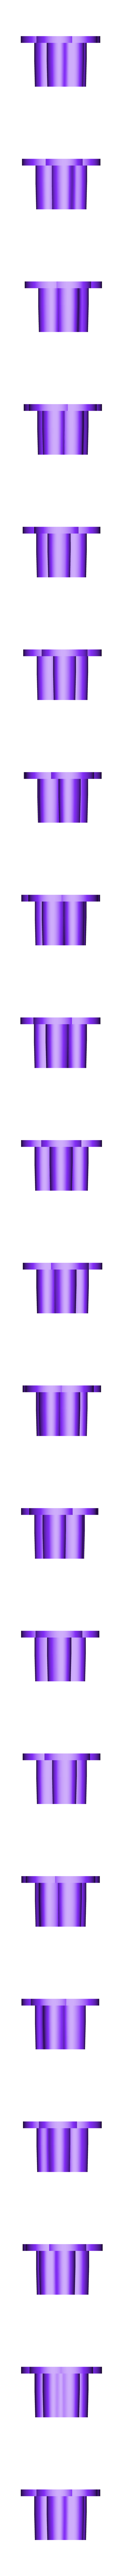 BLANC patte.STL Download STL file Patrol Punch (Paw Patrol) • 3D print object, Chris-tropherIlParait